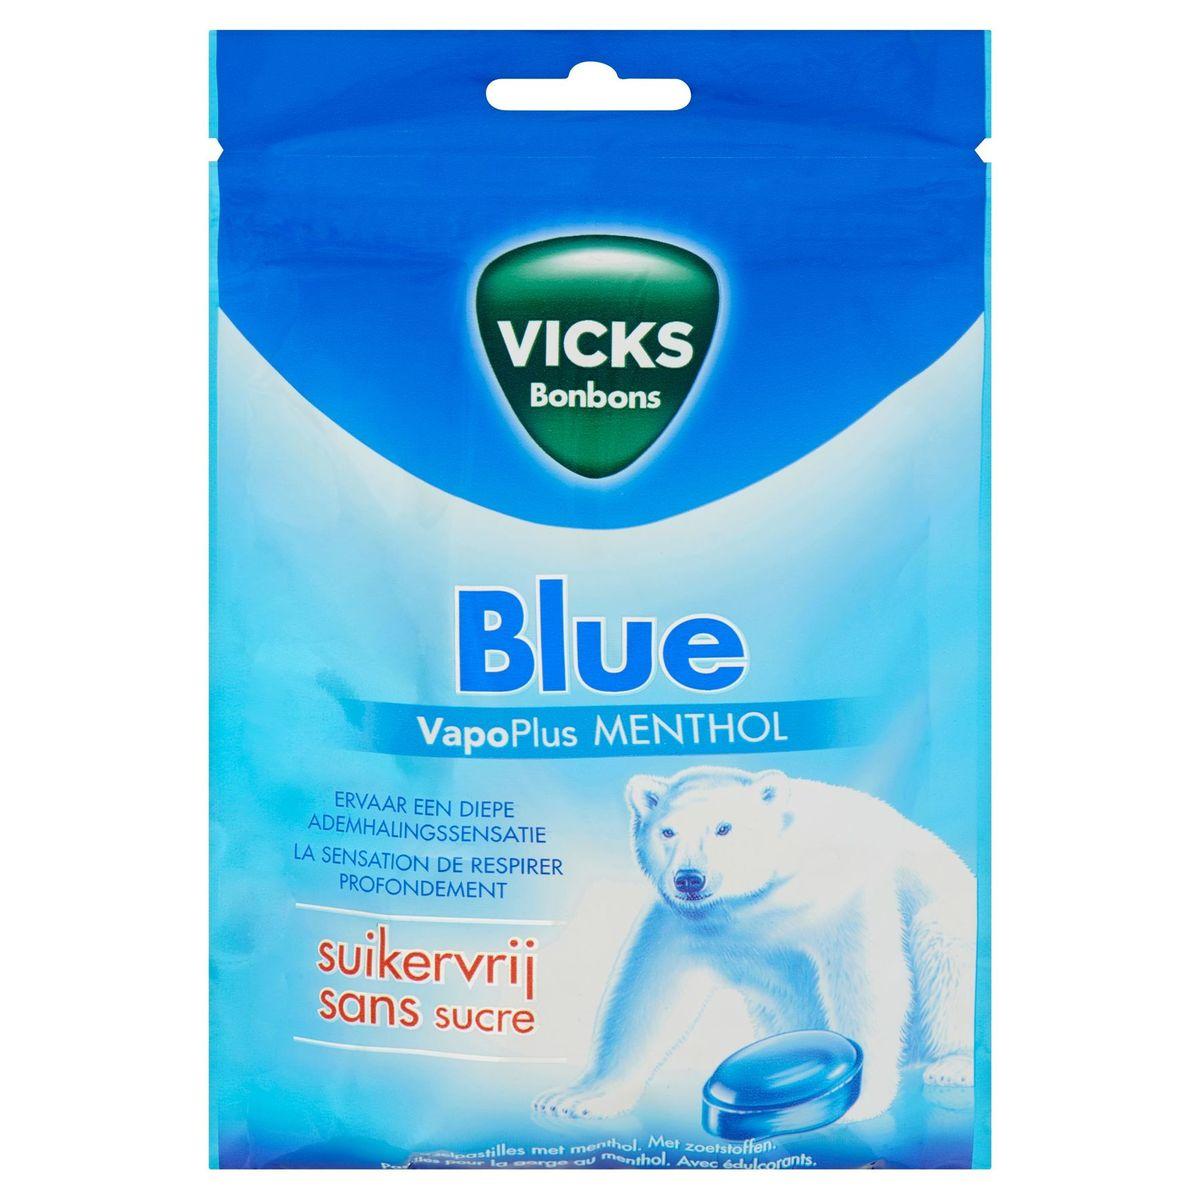 Vicks Bonbons Blue VapoPlus Menthol 72 g